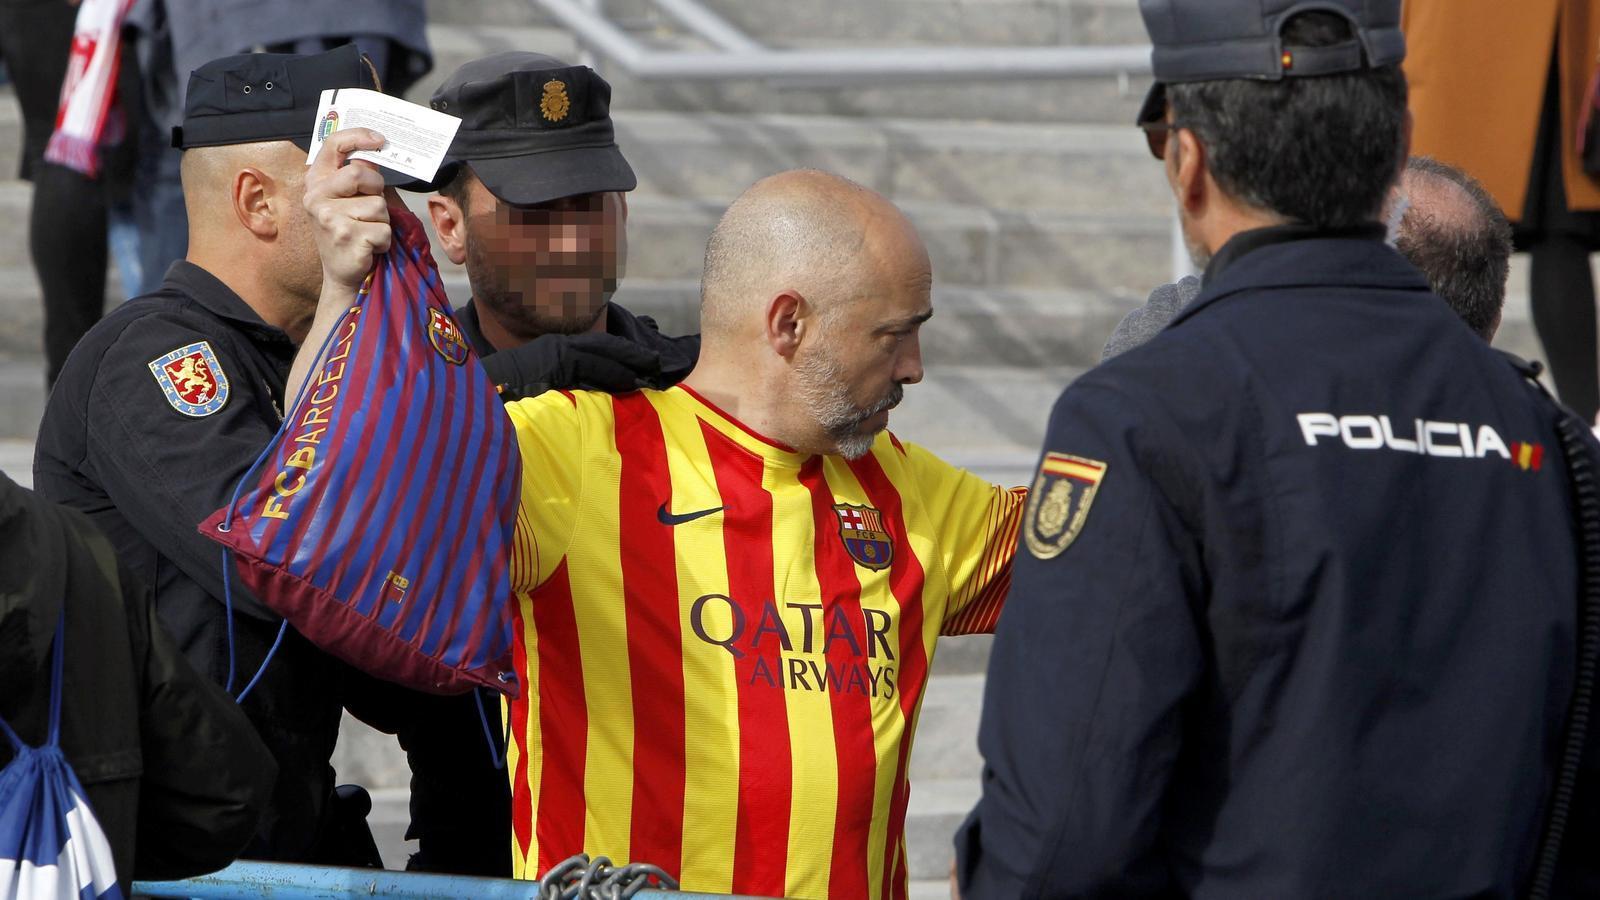 La policia escorcolla un aficionat del Barça a l'entrada del Wanda Metropolitano